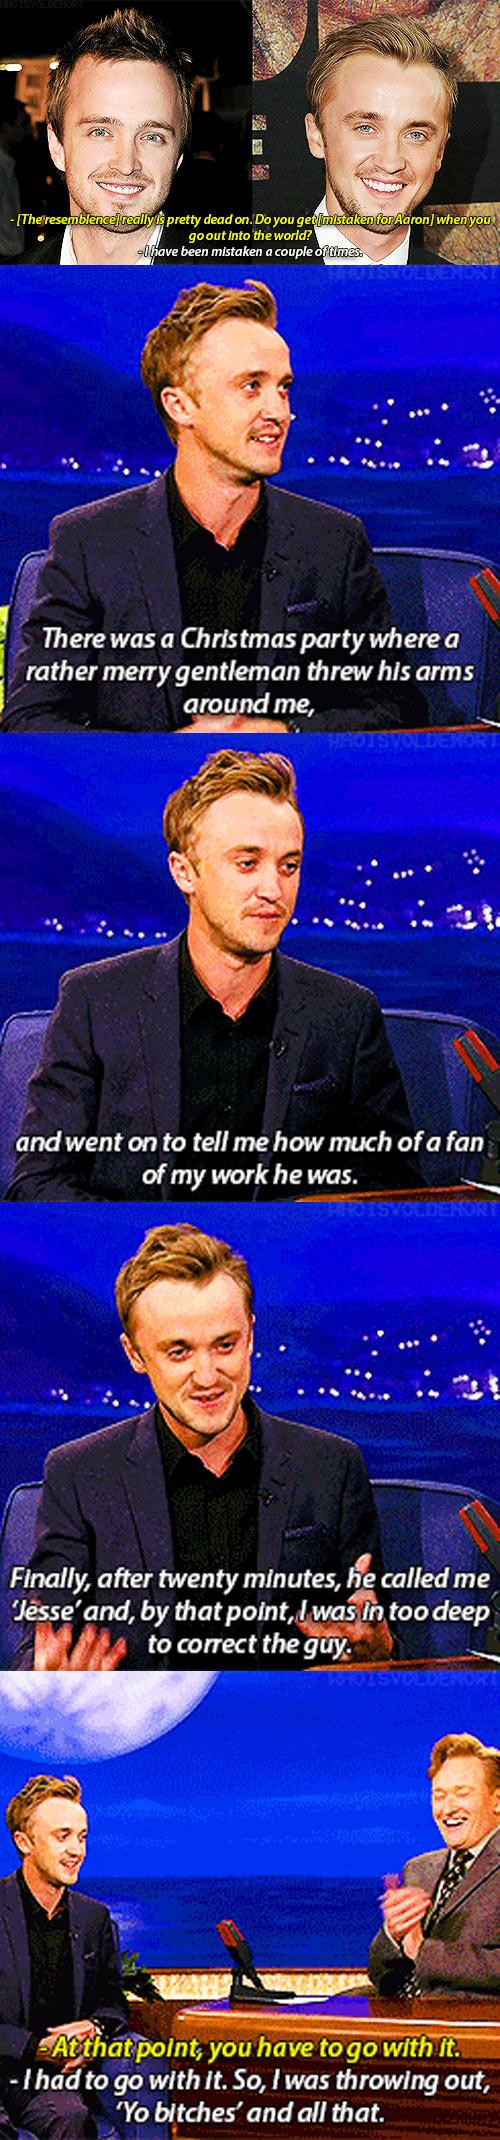 funny-Tom-Felton-mistaken-Jesse